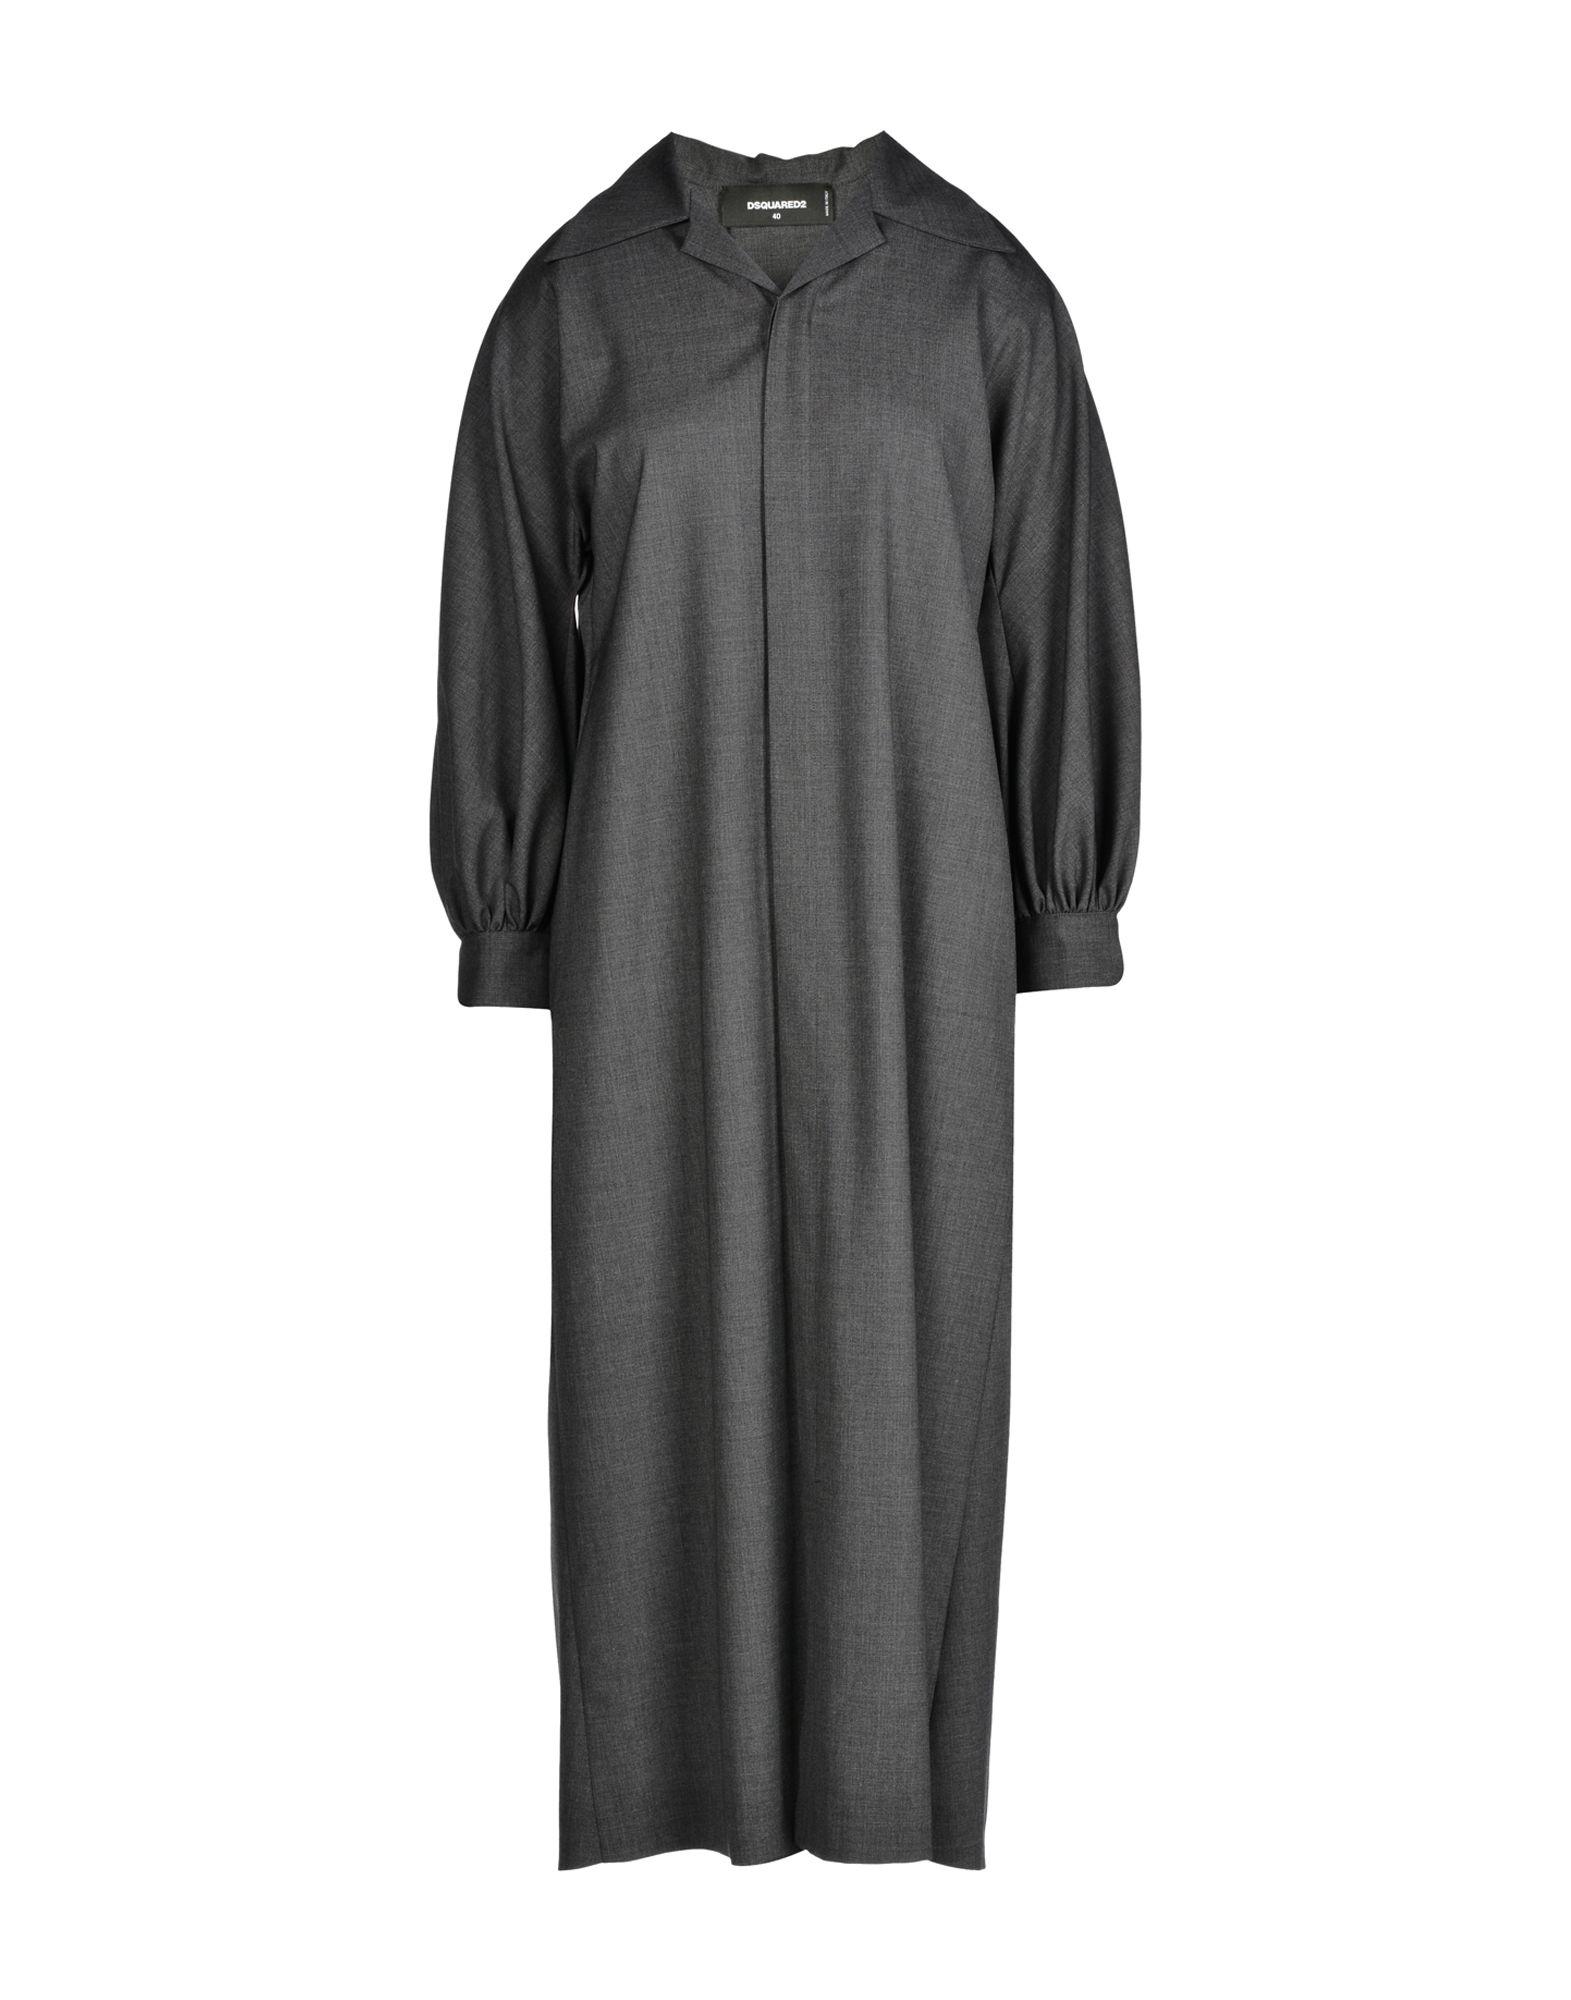 DSQUARED2 Платье длиной 3/4 кольца кюз дельта 311439 d